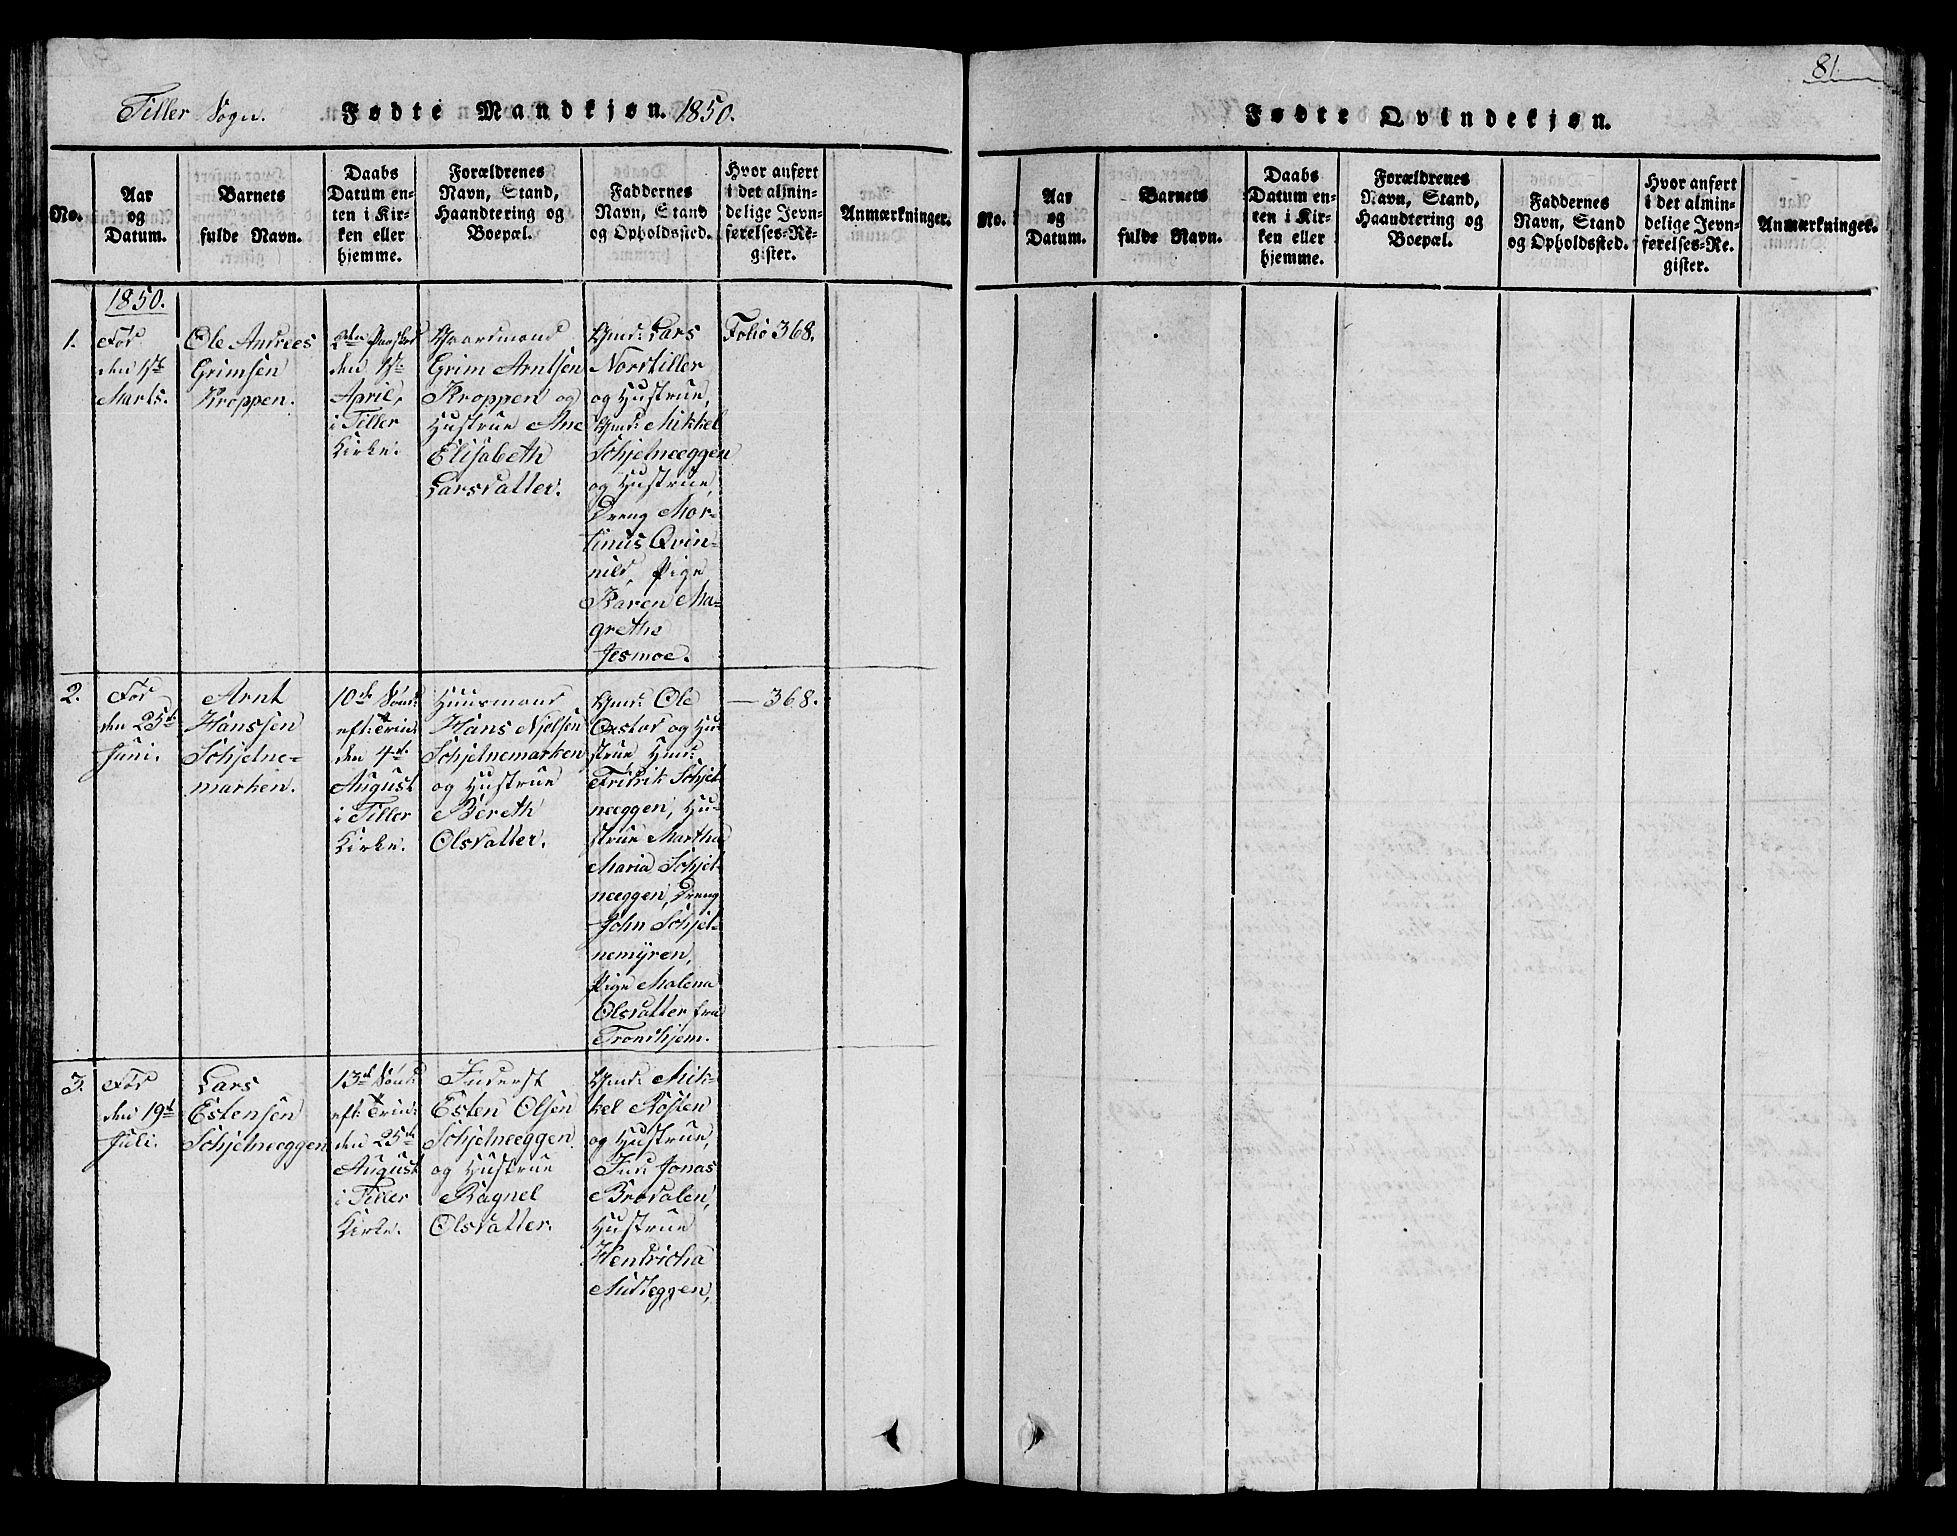 SAT, Ministerialprotokoller, klokkerbøker og fødselsregistre - Sør-Trøndelag, 621/L0458: Klokkerbok nr. 621C01, 1816-1865, s. 81